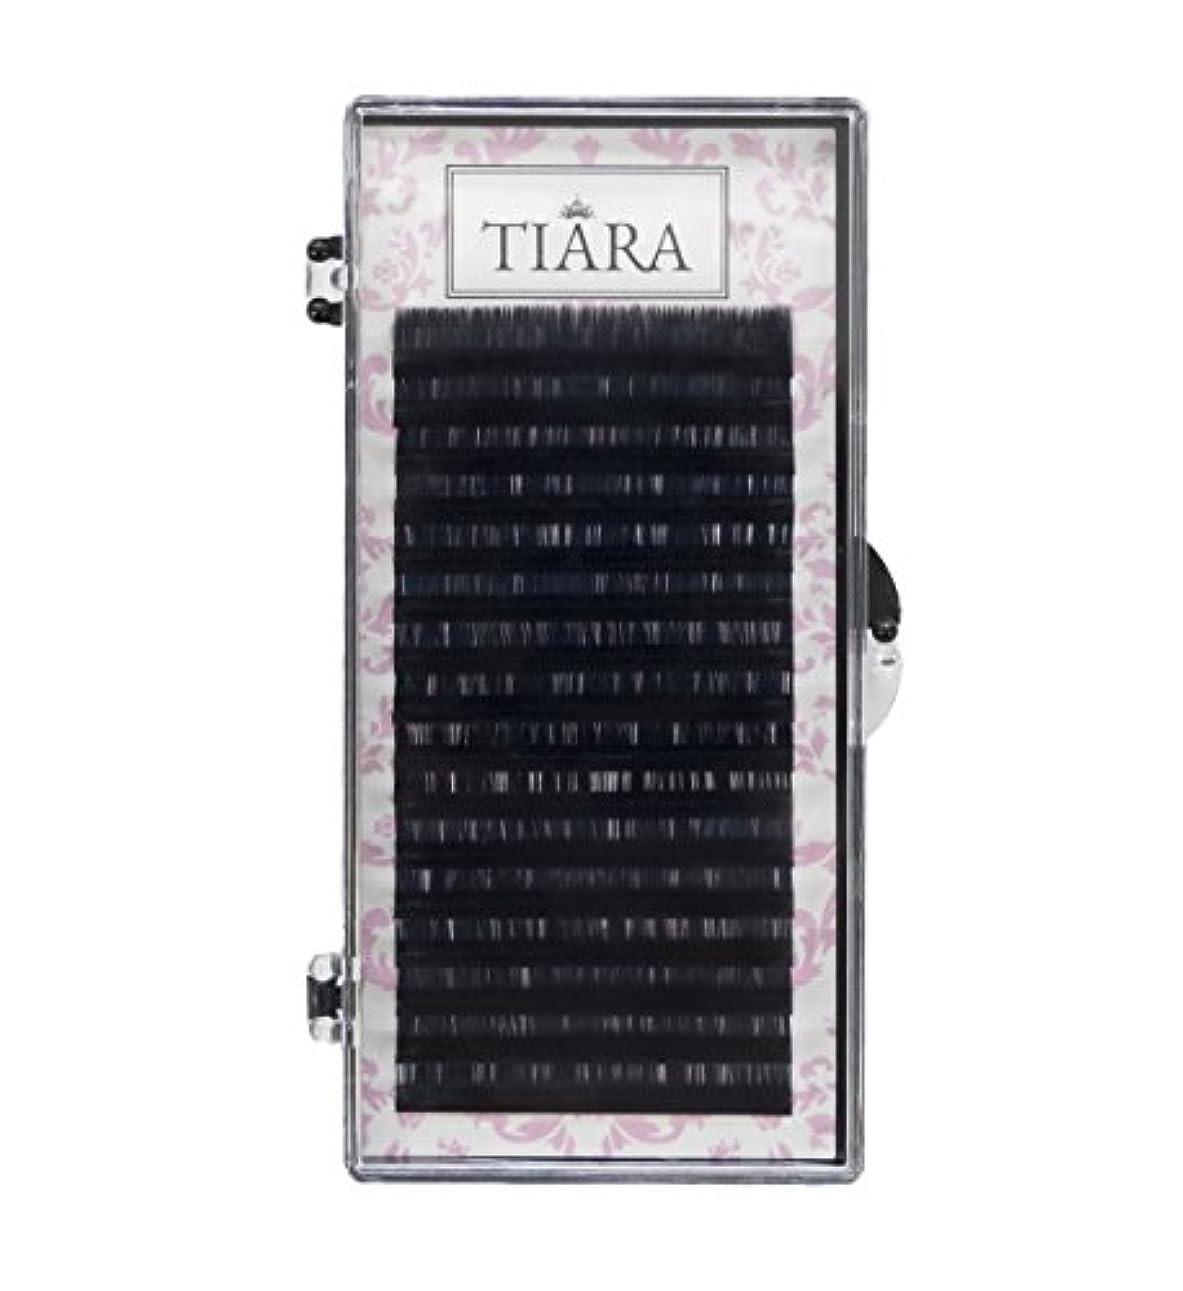 かなり強制的予測するTIARA(ティアラ) まつエク商材 ボリュームラッシュ Cカール MIX(0.05mm)